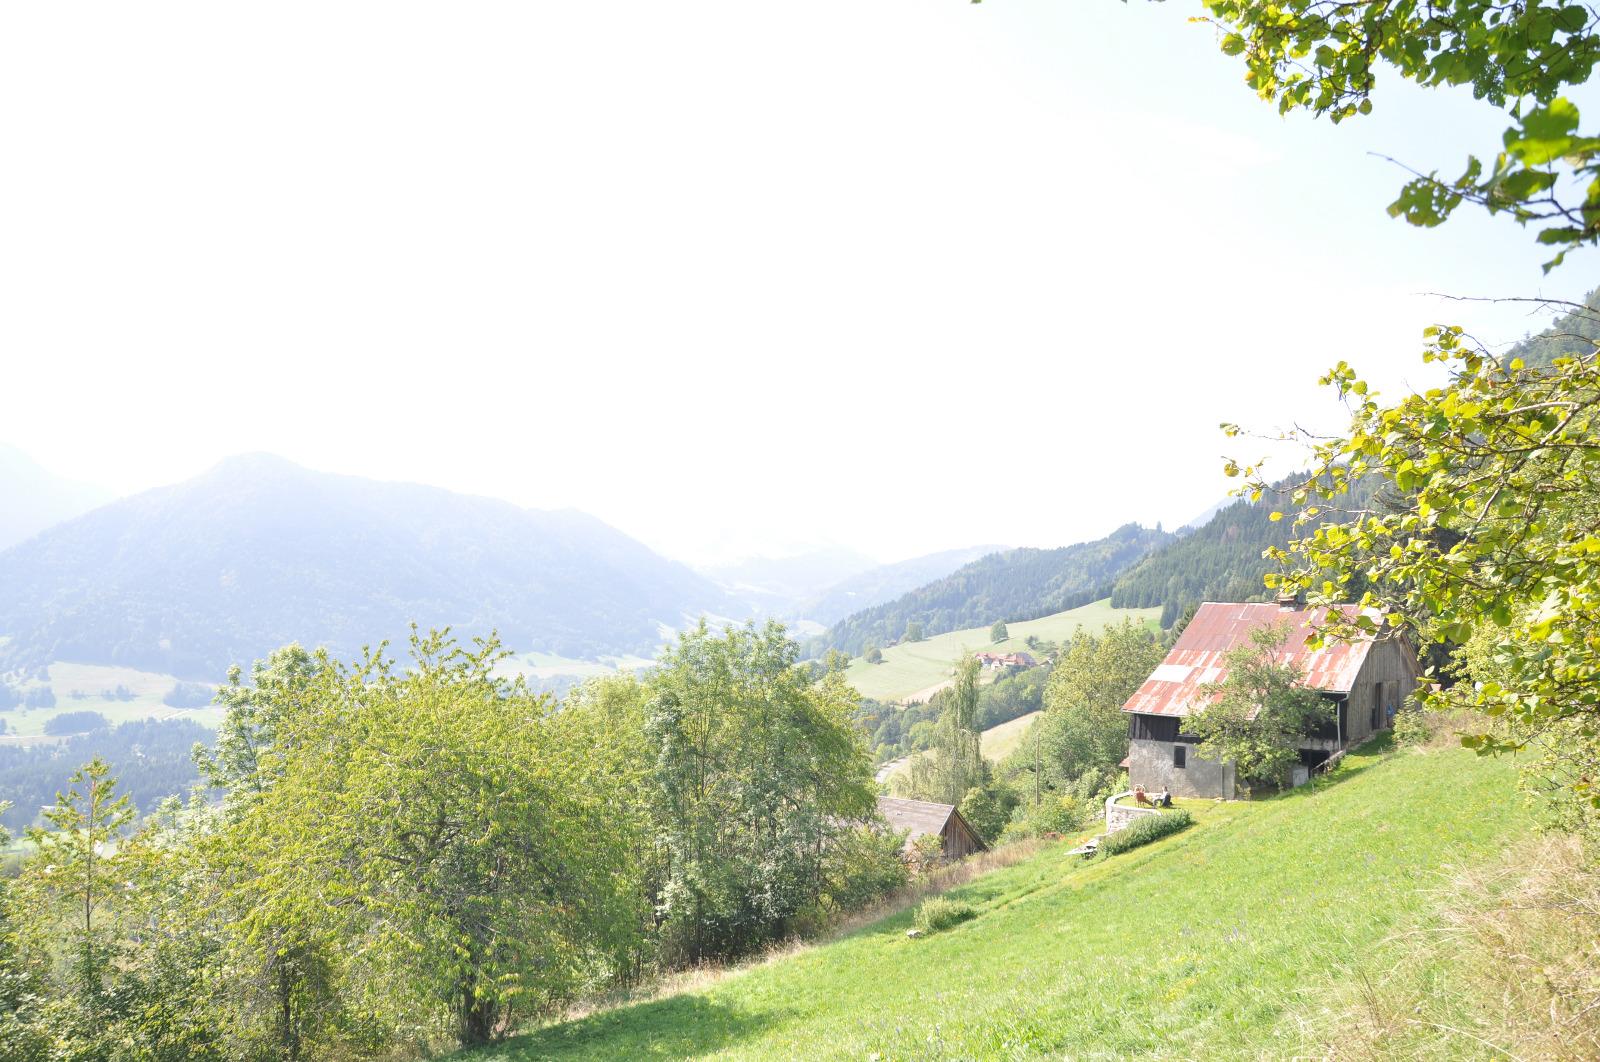 chalet d 39 alpage vendre en vall e verte sur 3141m de terrain mab immobilier. Black Bedroom Furniture Sets. Home Design Ideas